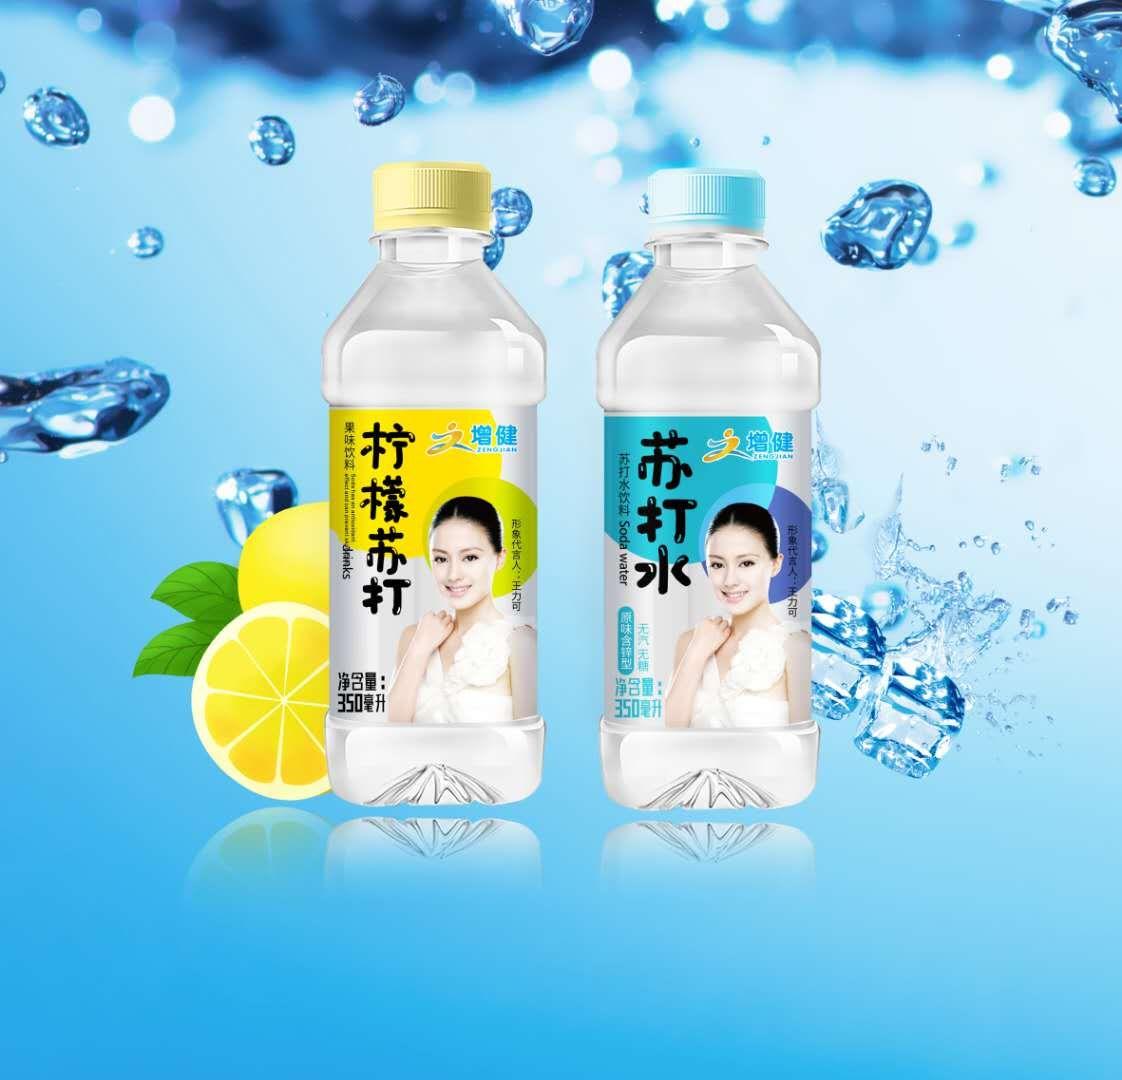 苏打水生产商_苏打水相关-河南增健绿色饮品有限公司